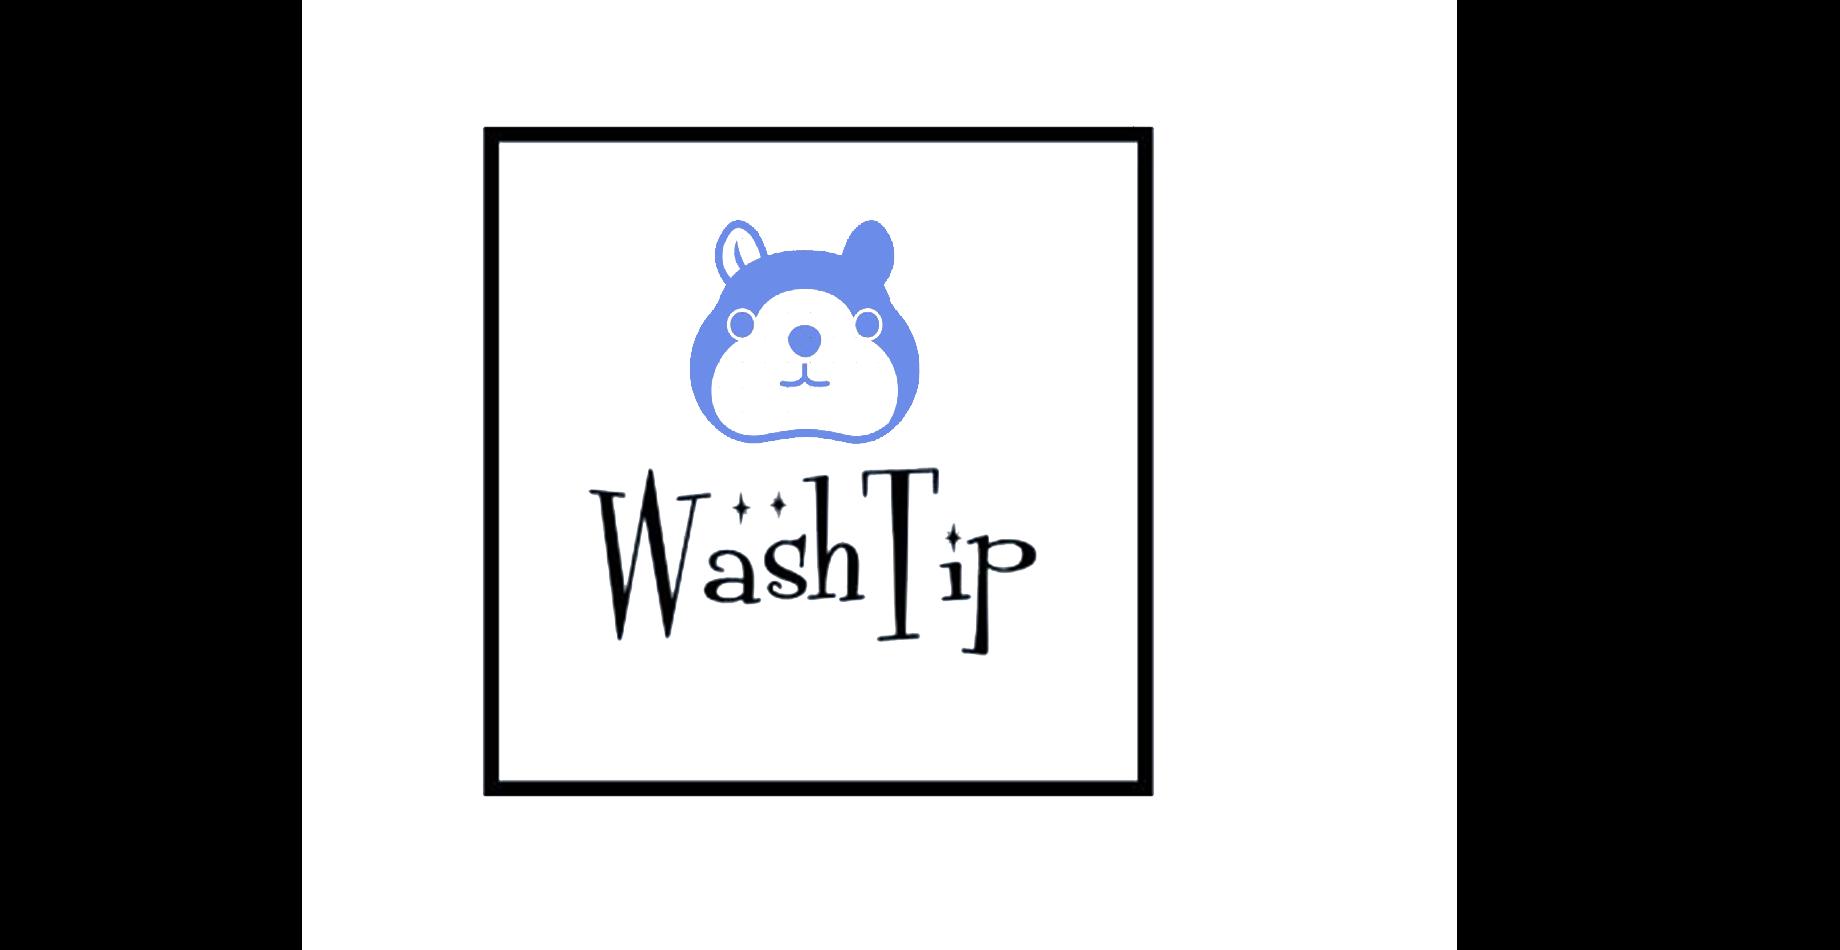 Разработка логотипа для онлайн-сервиса химчистки фото f_9215c0af0f0d3392.png